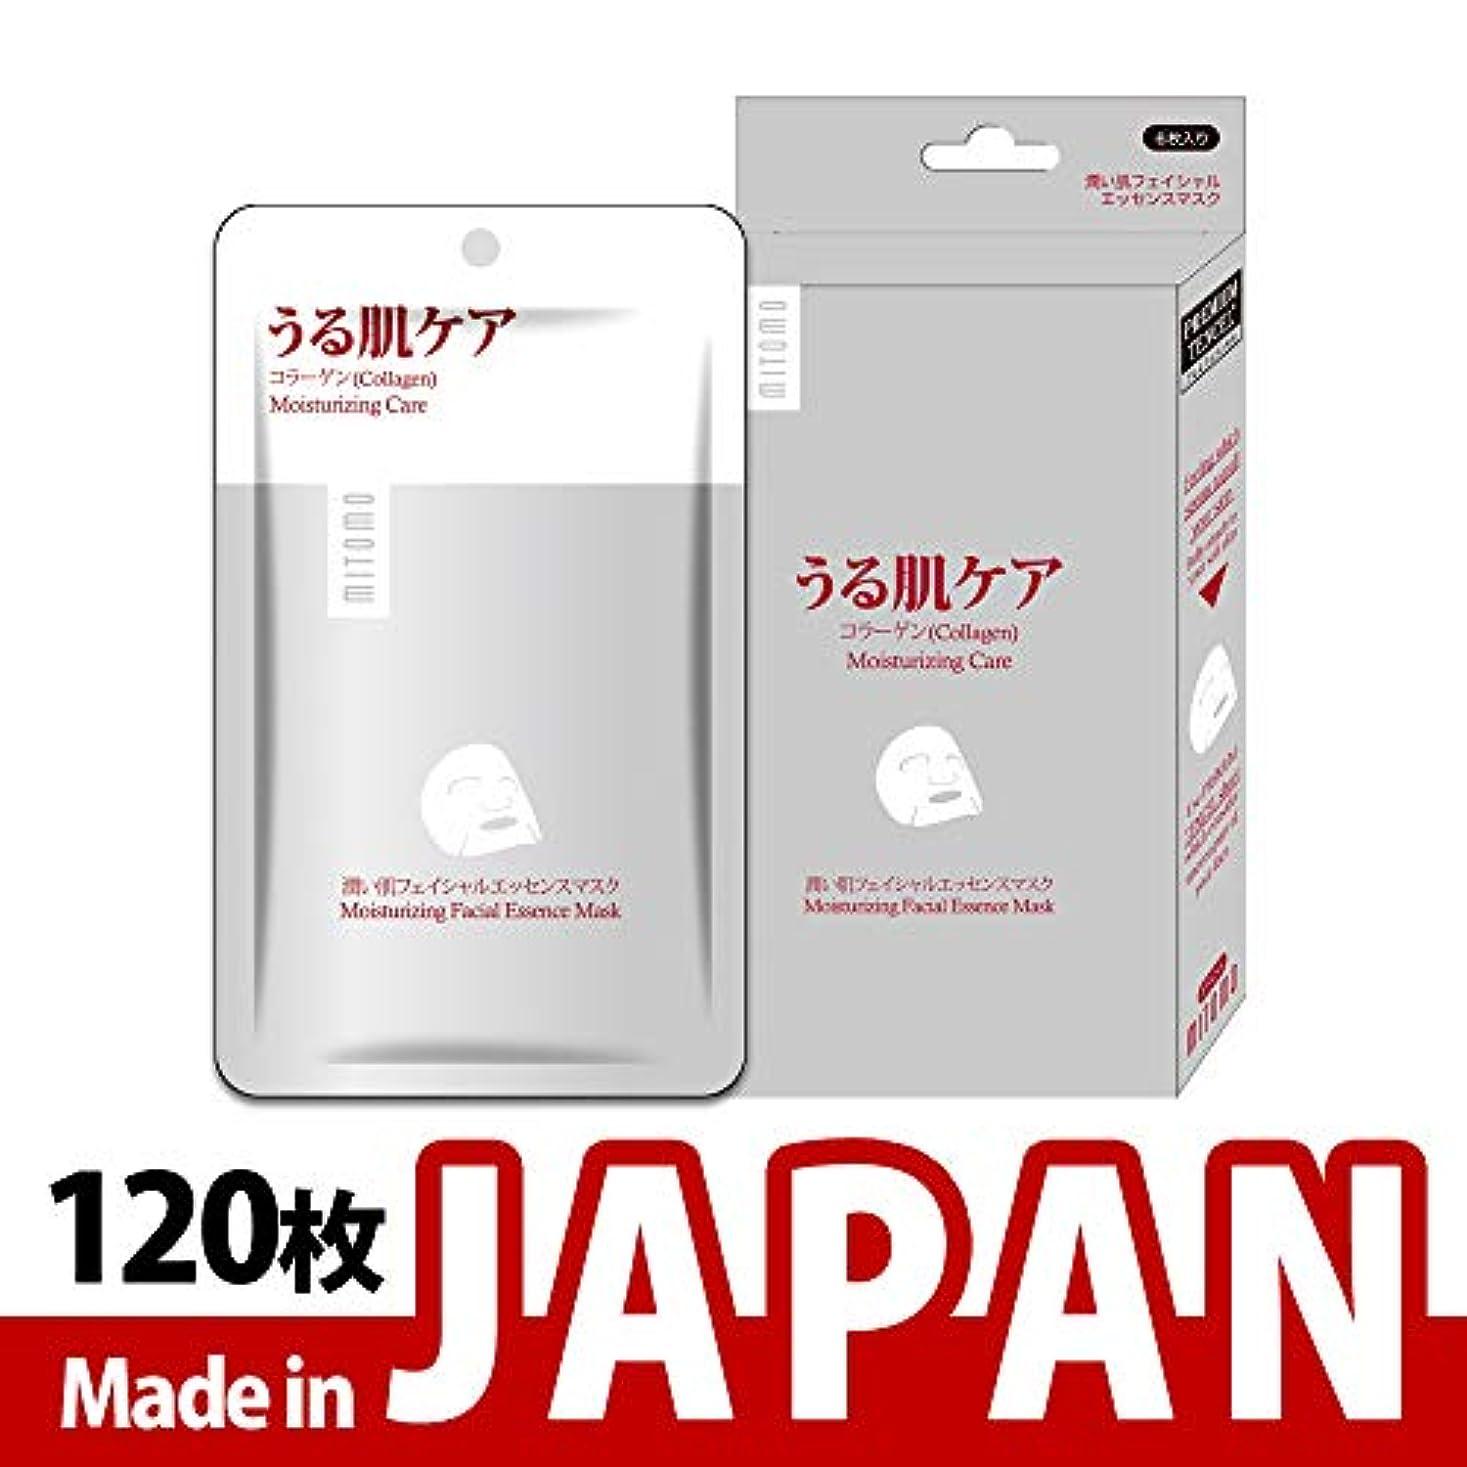 傾向描く前述の【HS002-A-1】MITOMO日本製シートマスク/6枚入り/120枚/美容液/マスクパック/送料無料